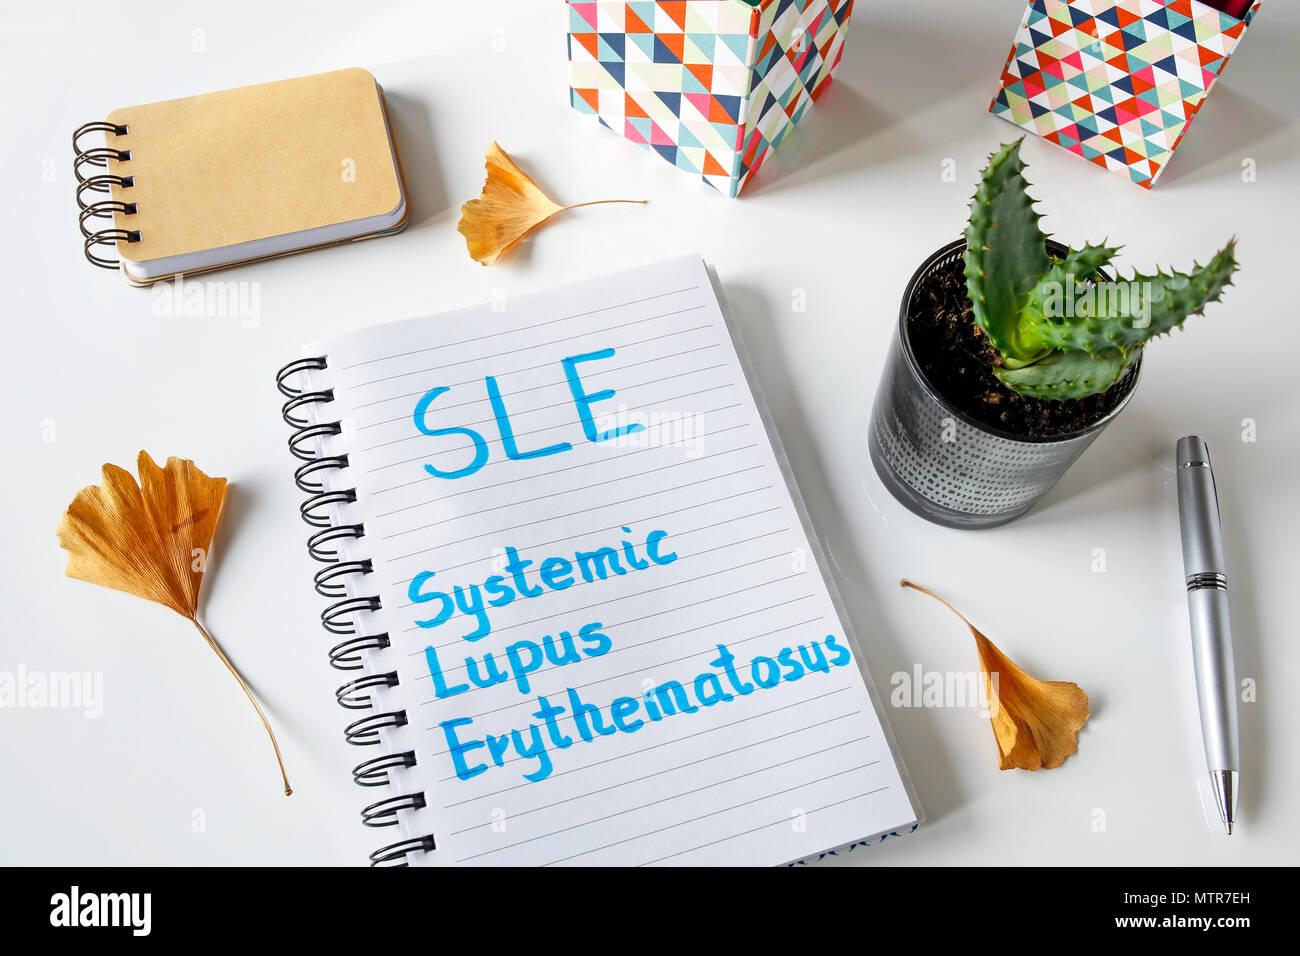 SLE Systemischer Lupus Erythematodes in einem Notebook auf weißem Tabelle geschrieben Stockbild